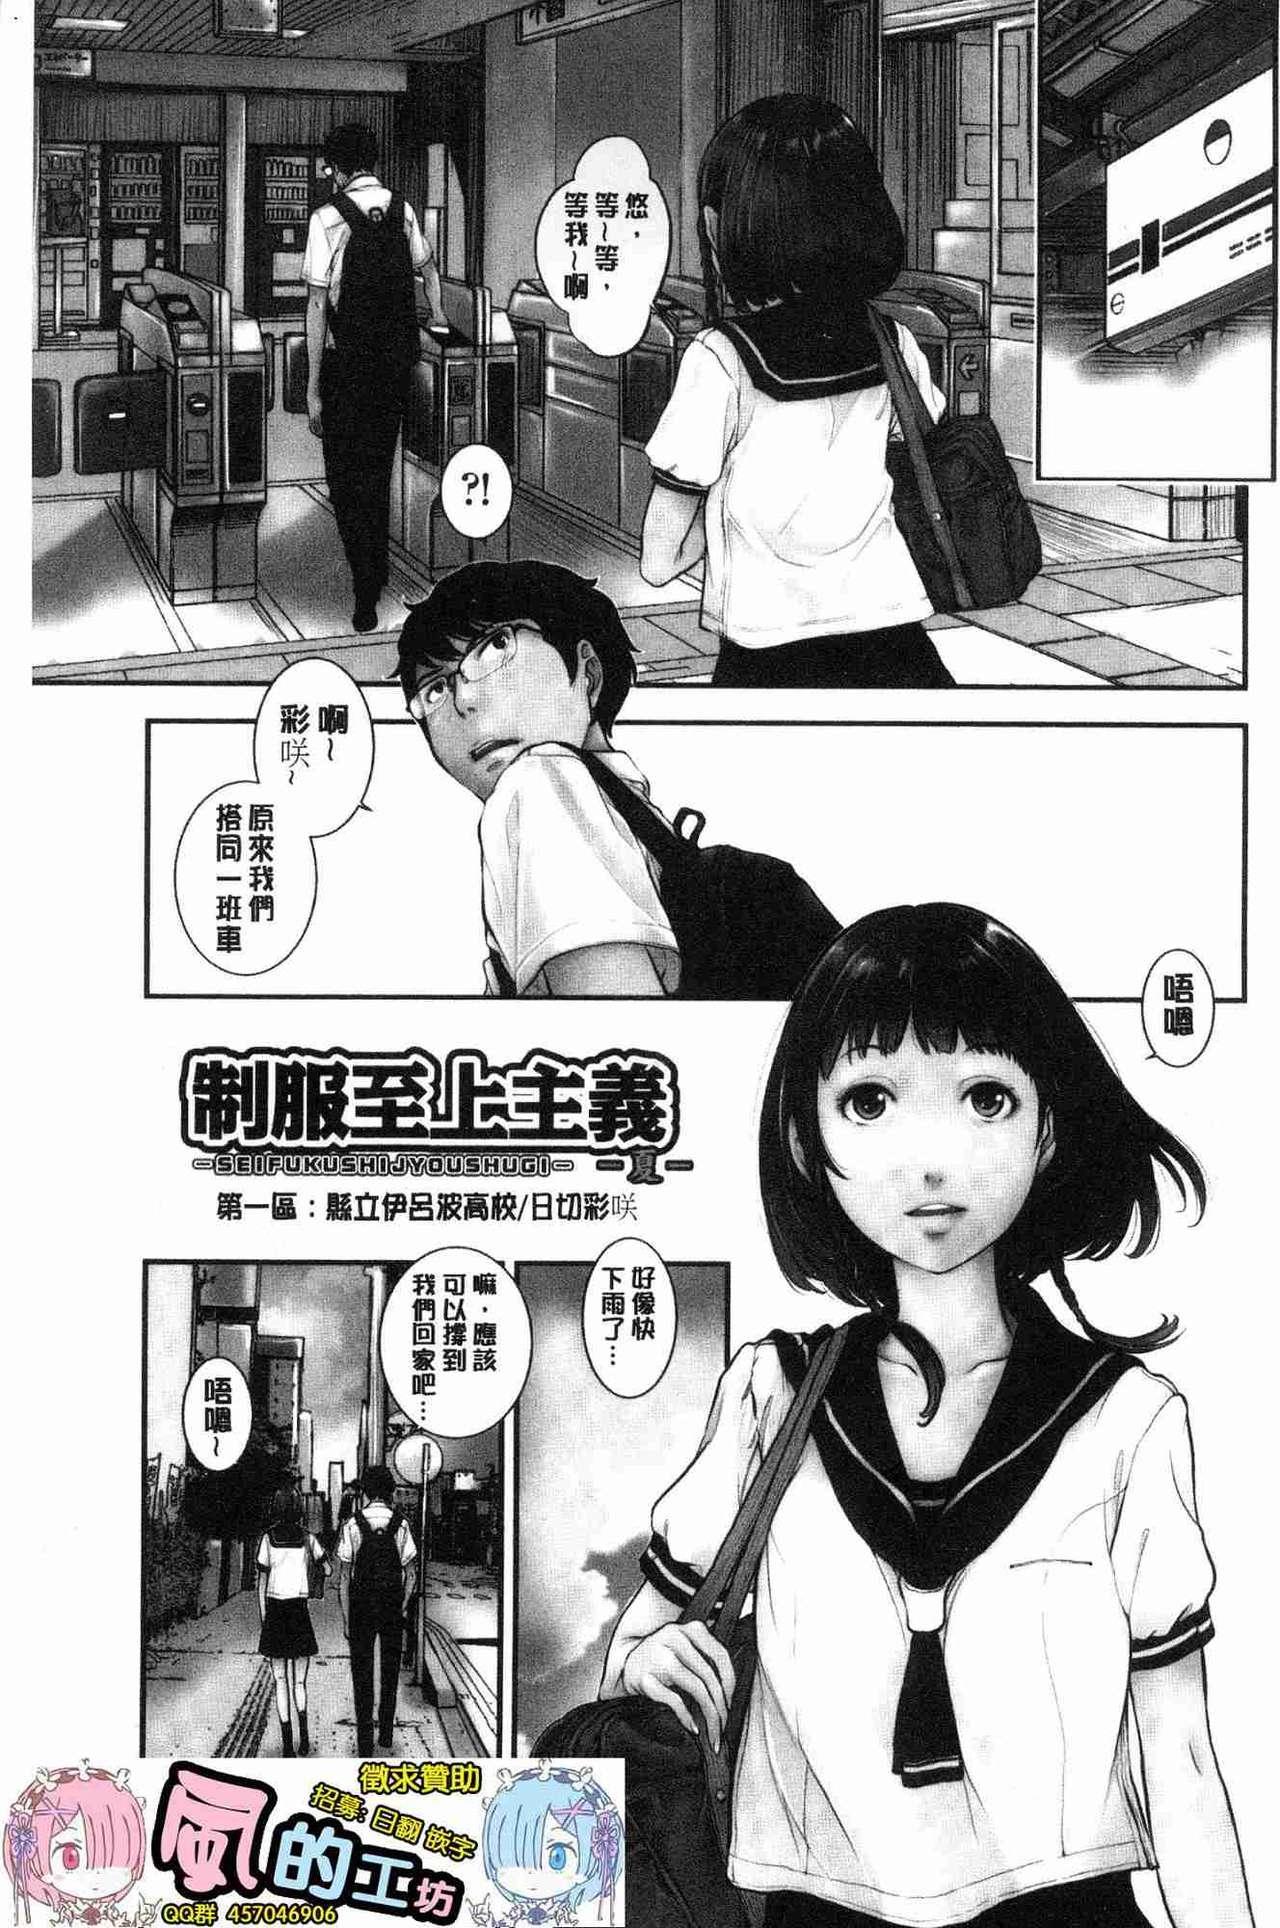 [Harazaki Takuma] Seifuku Shijou Shugi -Natsu- - Uniforms supremacy [Chinese] 3